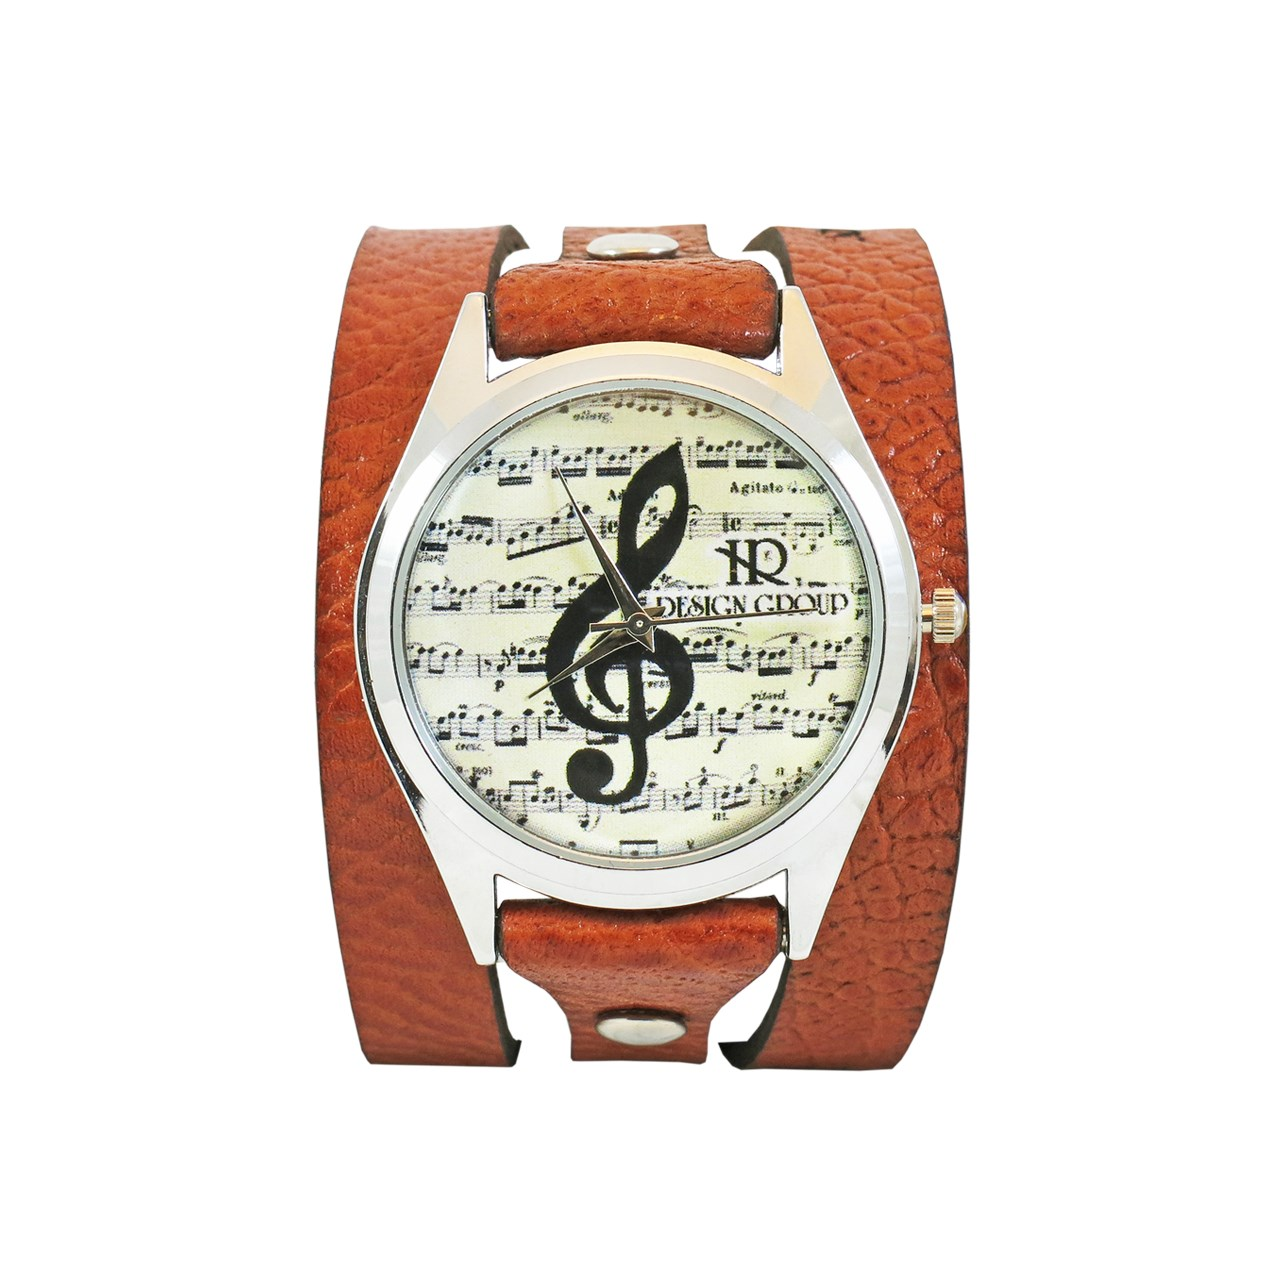 ساعت دست ساز اچ آر دیزاین گروپ مدل 012 52